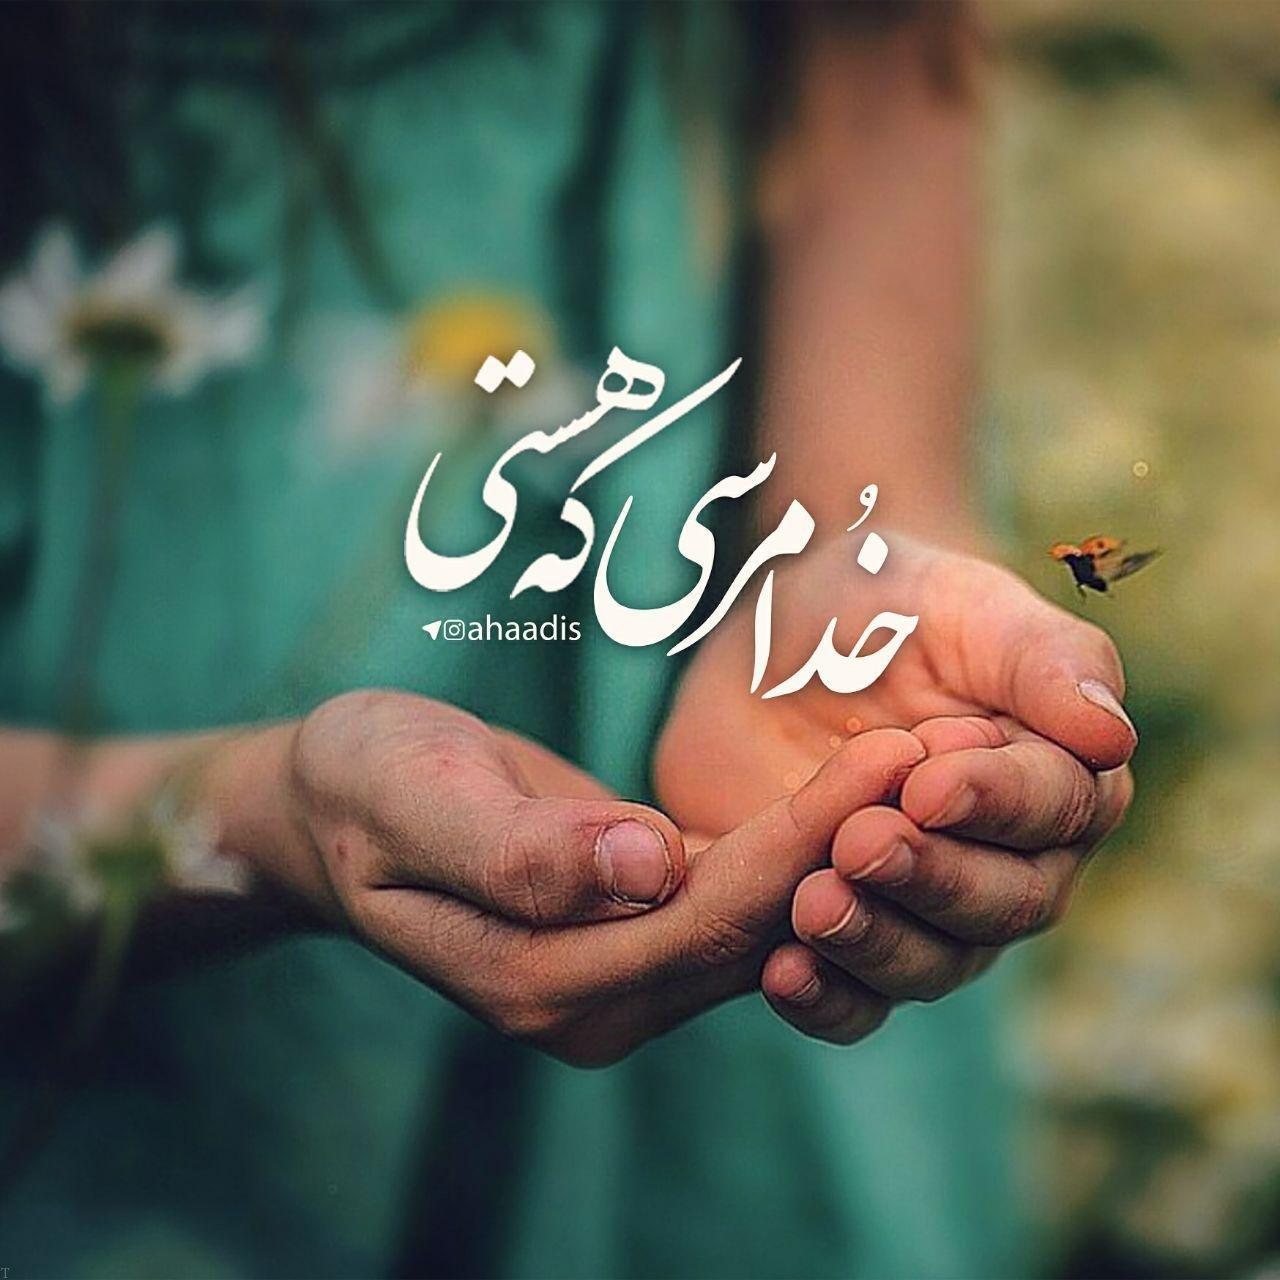 احادیث زیبا از امام سجاد (ع) همراه با عکس نوشته احادیث